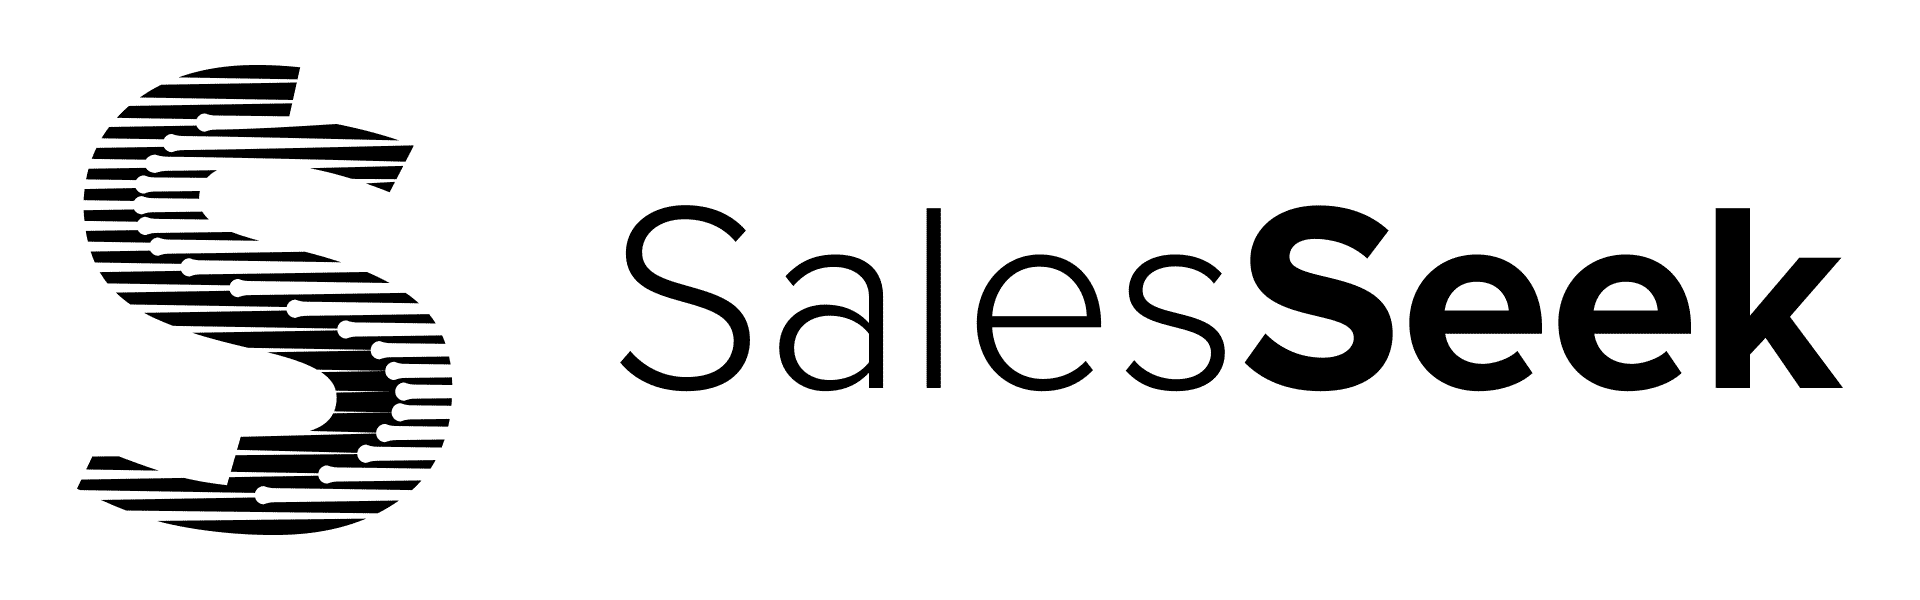 SalesSeek